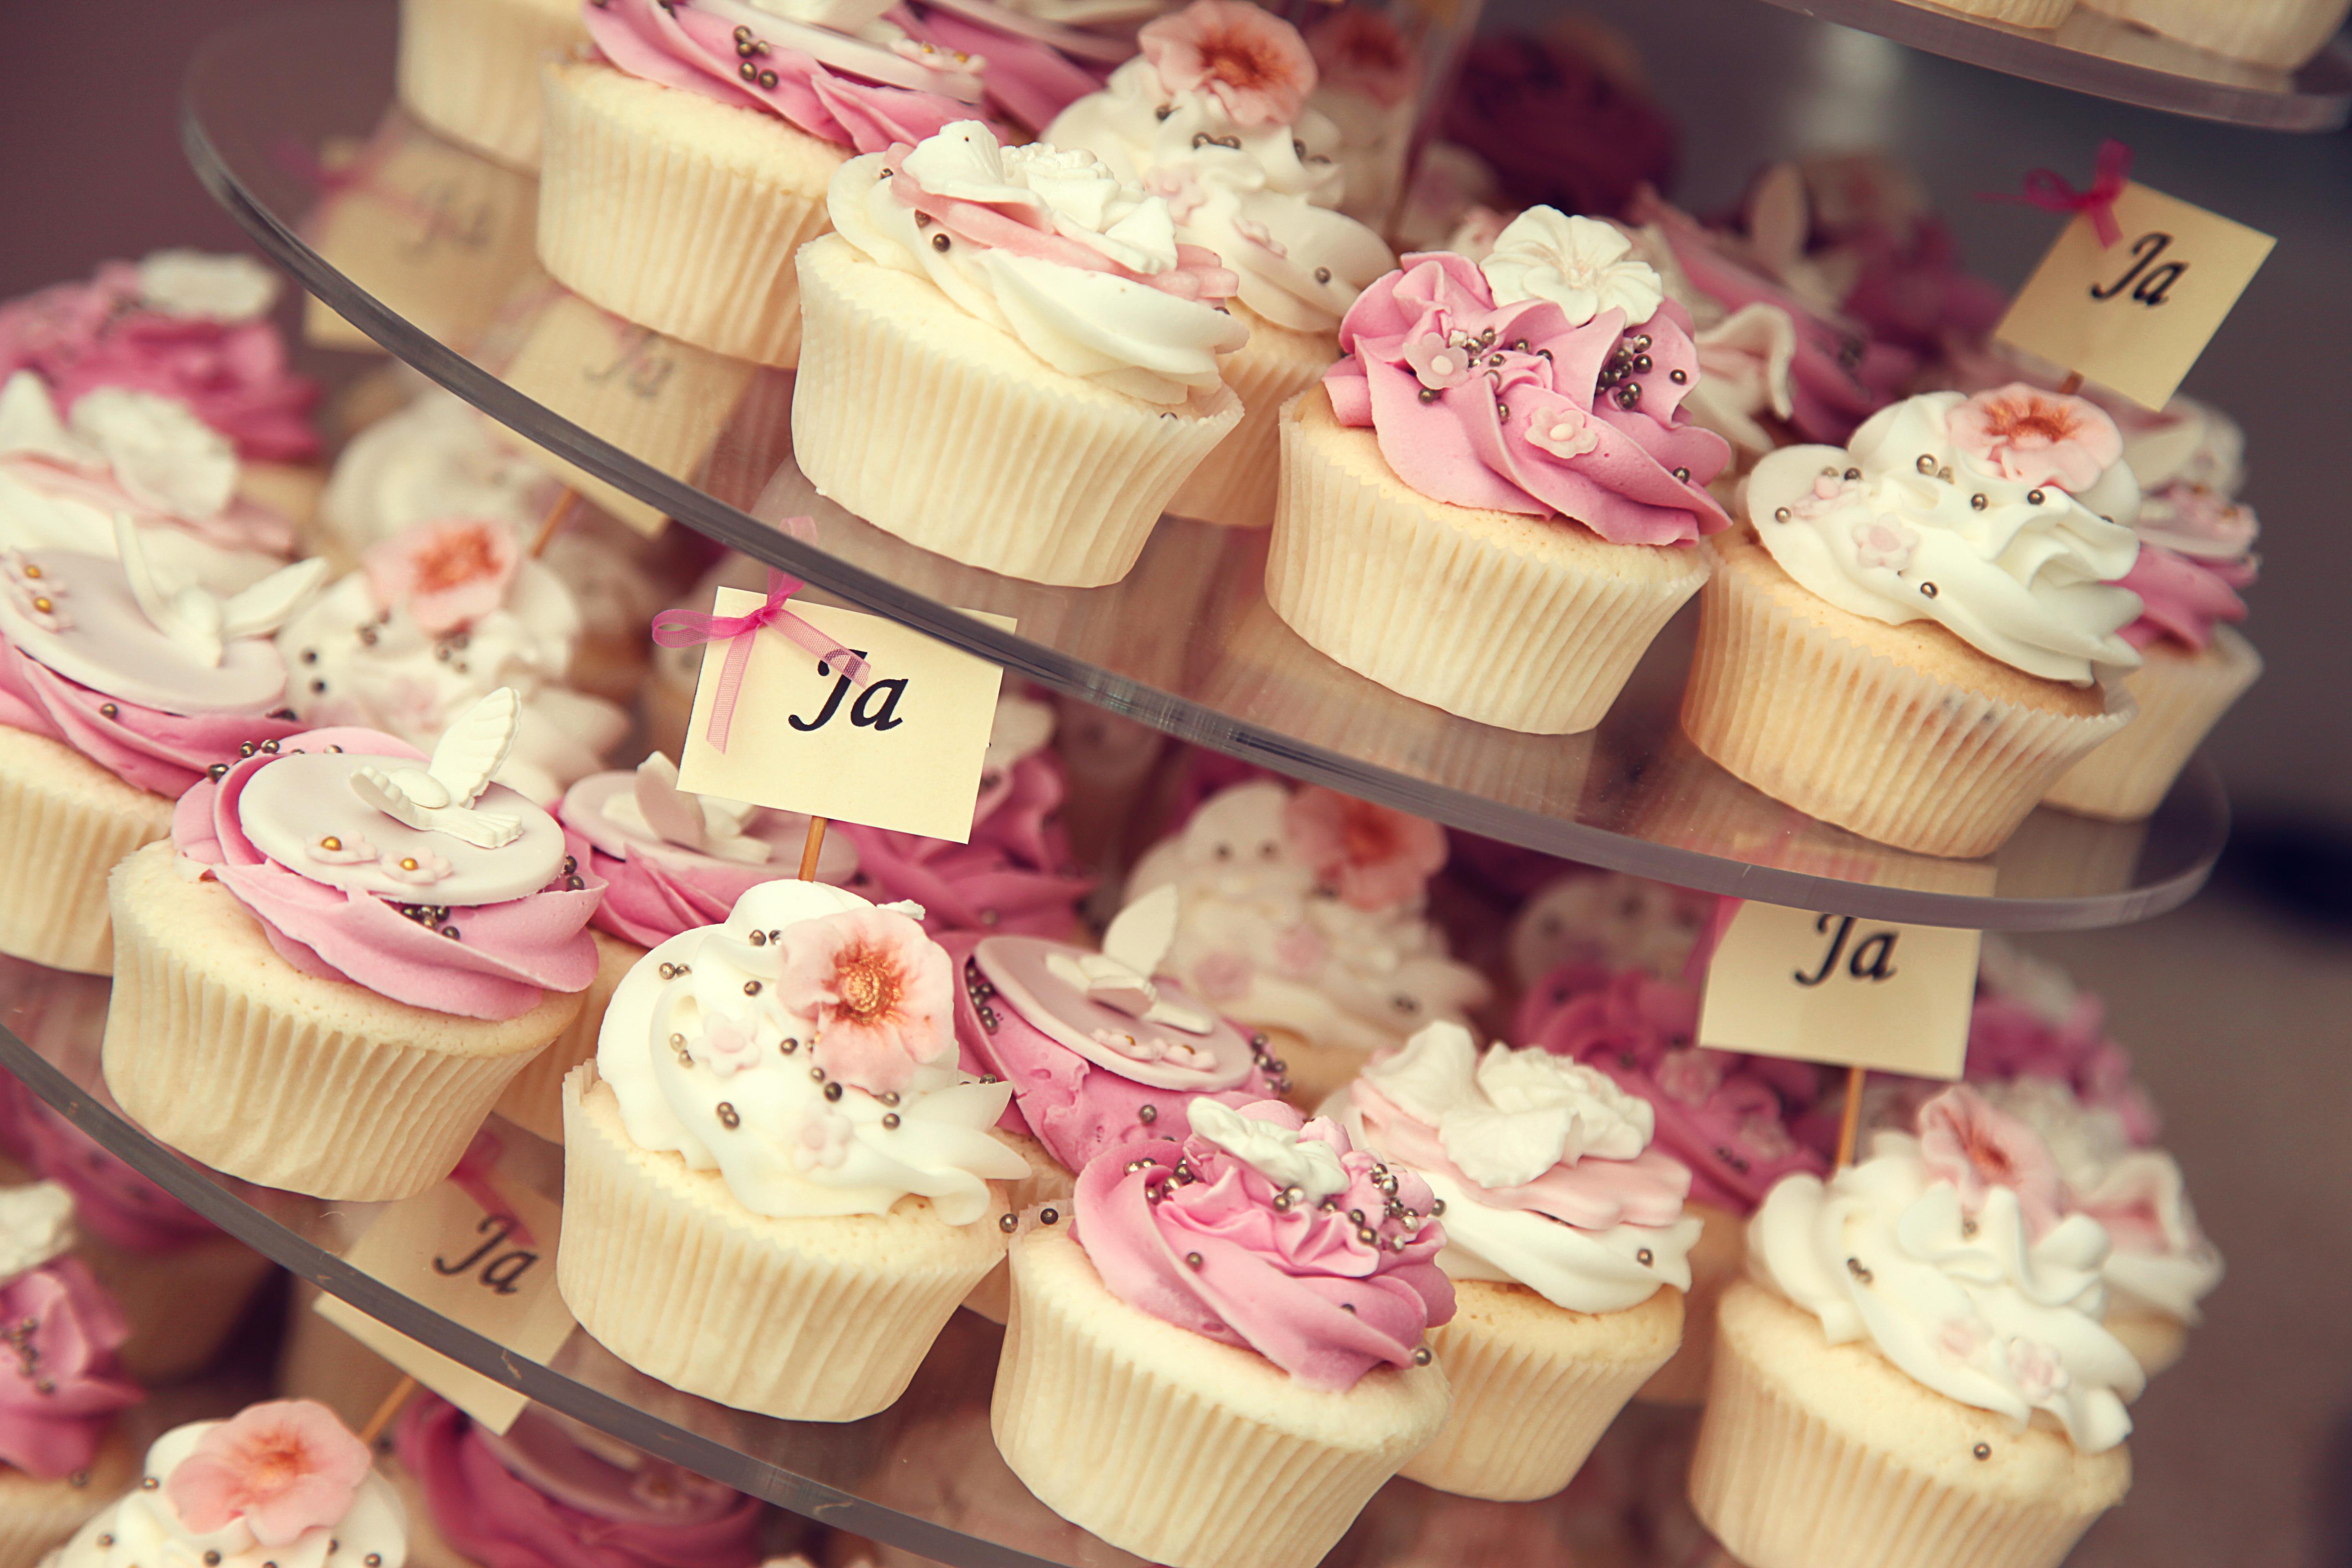 кексы пирожное cupcakes cake  № 132295 без смс